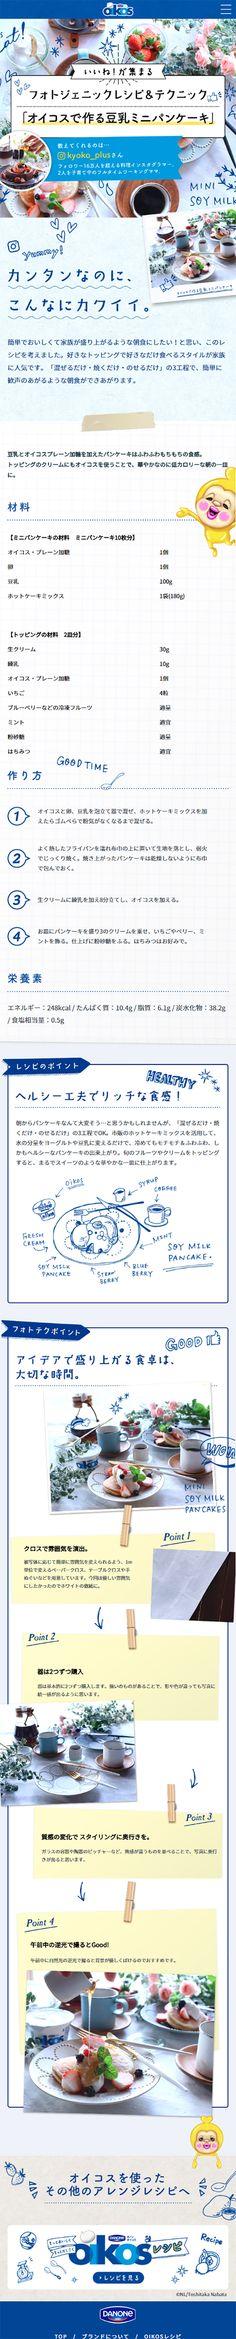 ダノンジャパン株式会社様の「オイコスを使ったフォトジェニック朝食テクニック」のスマホランディングページ(LP)かわいい系|食品 #LP #ランディングページ #ランペ #オイコスを使ったフォトジェニック朝食テクニック